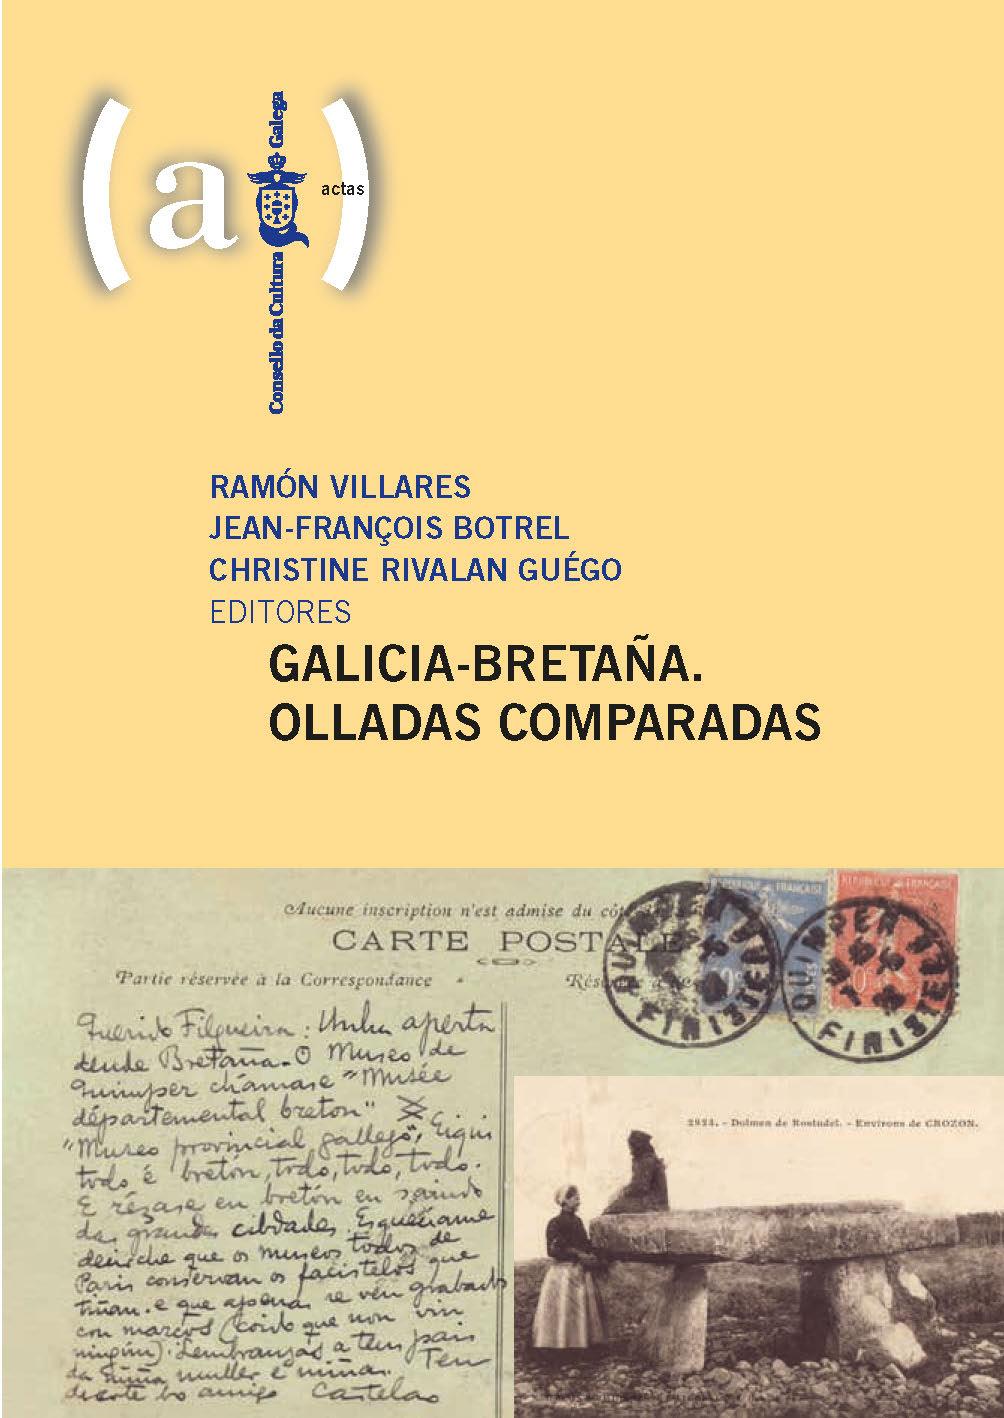 Galicia-Bretaña. Olladas comparadas